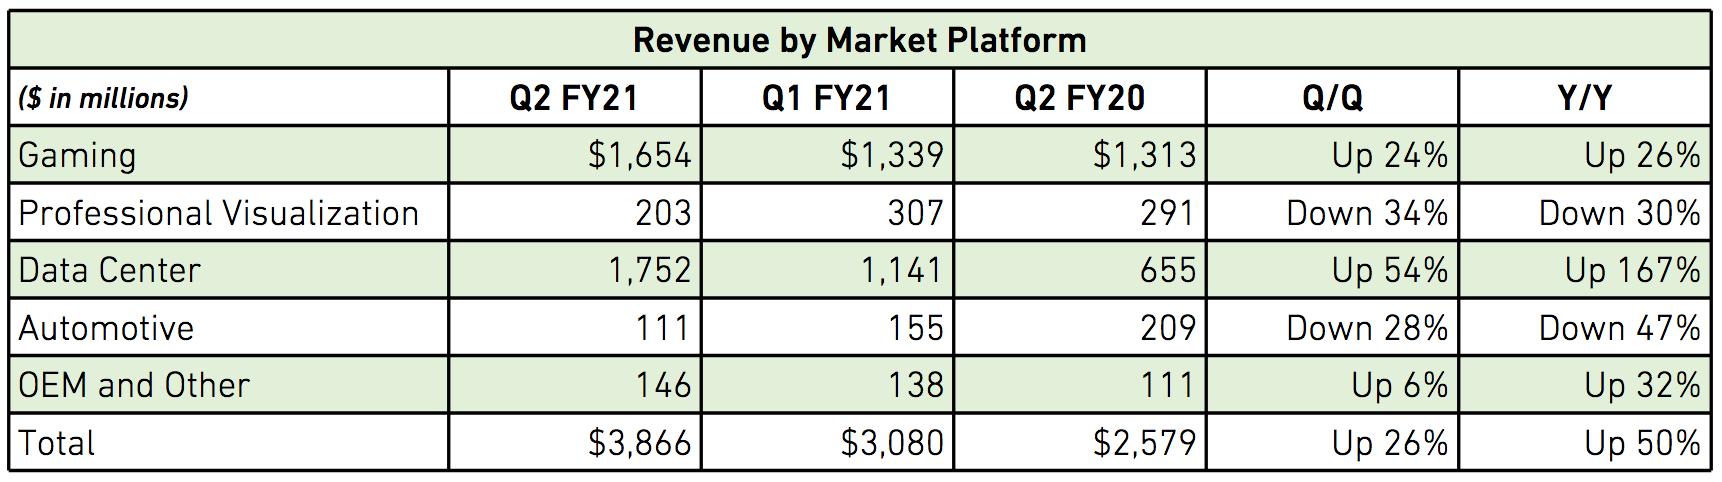 Umsätze nach Marktbereichen